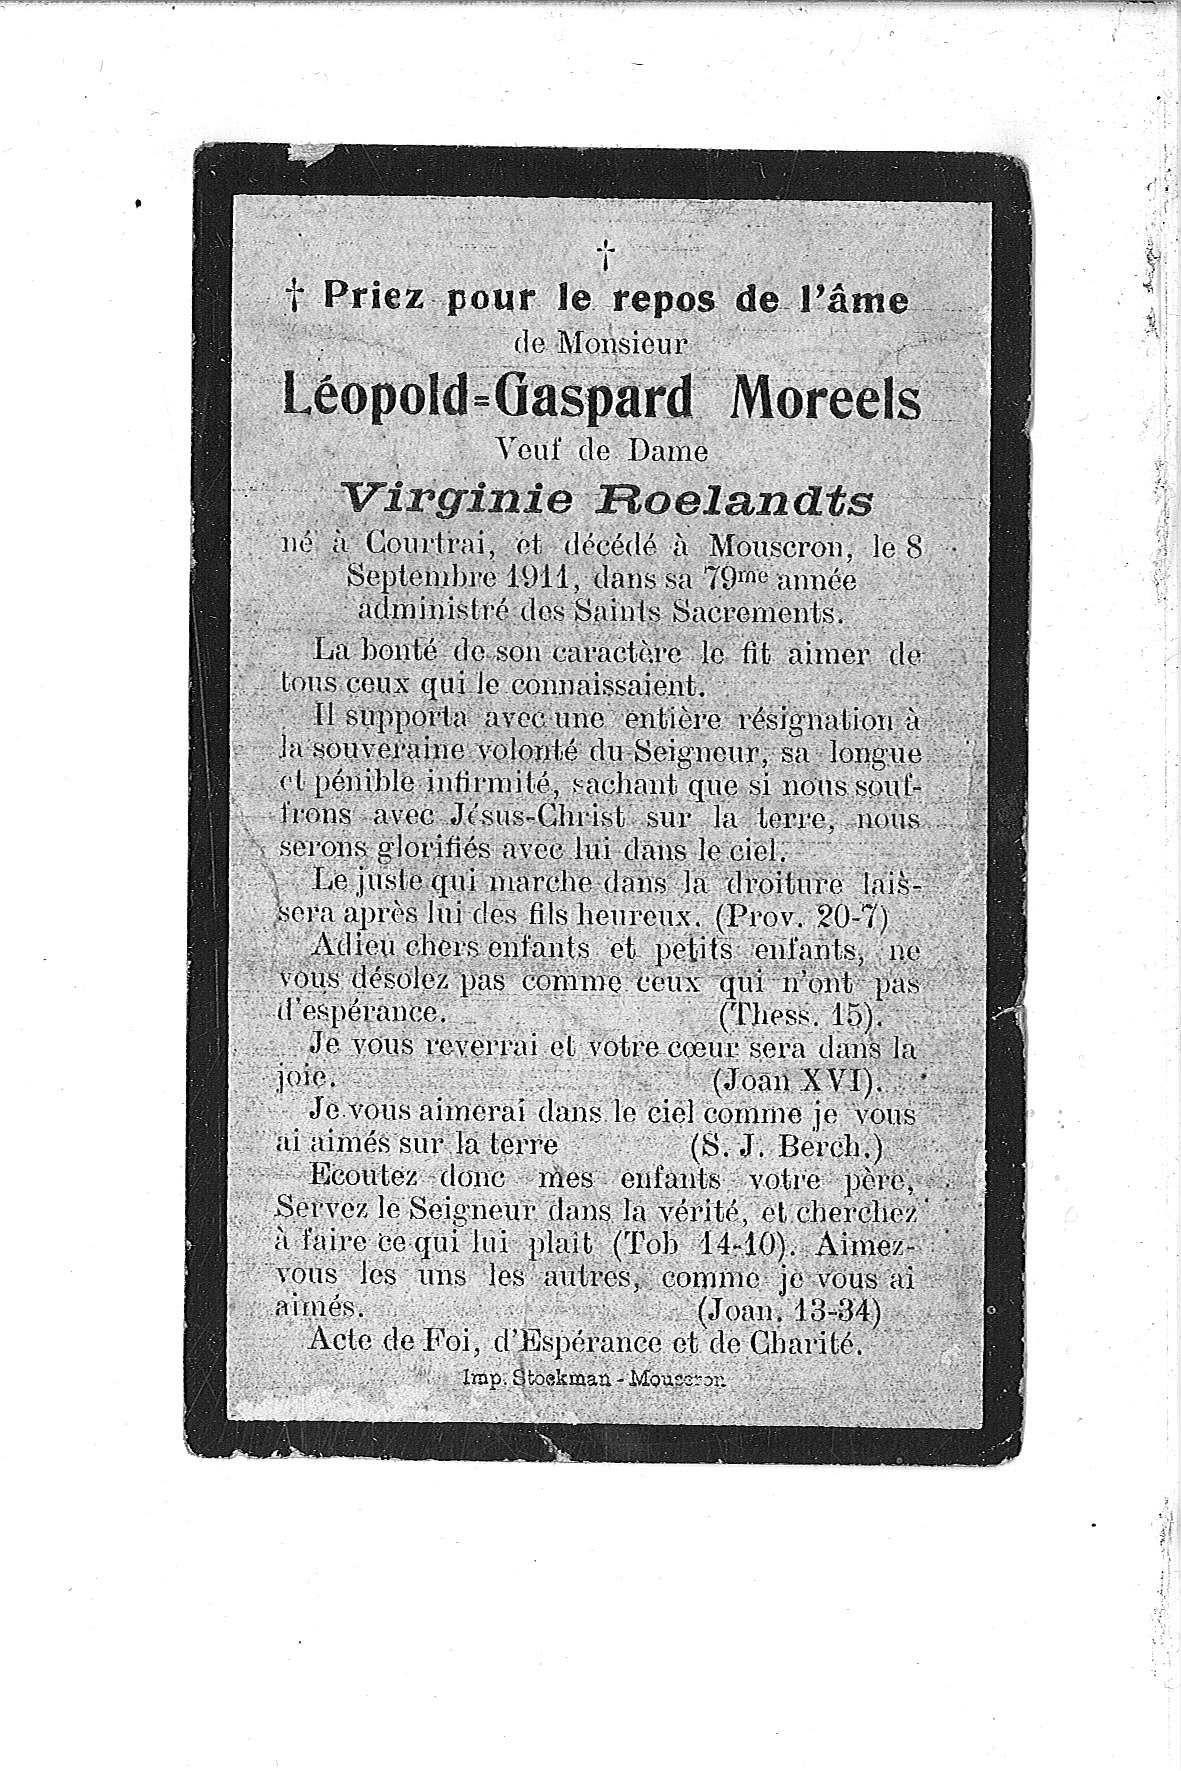 Léopold-Gaspard(1911)20111213105551_00054.jpg